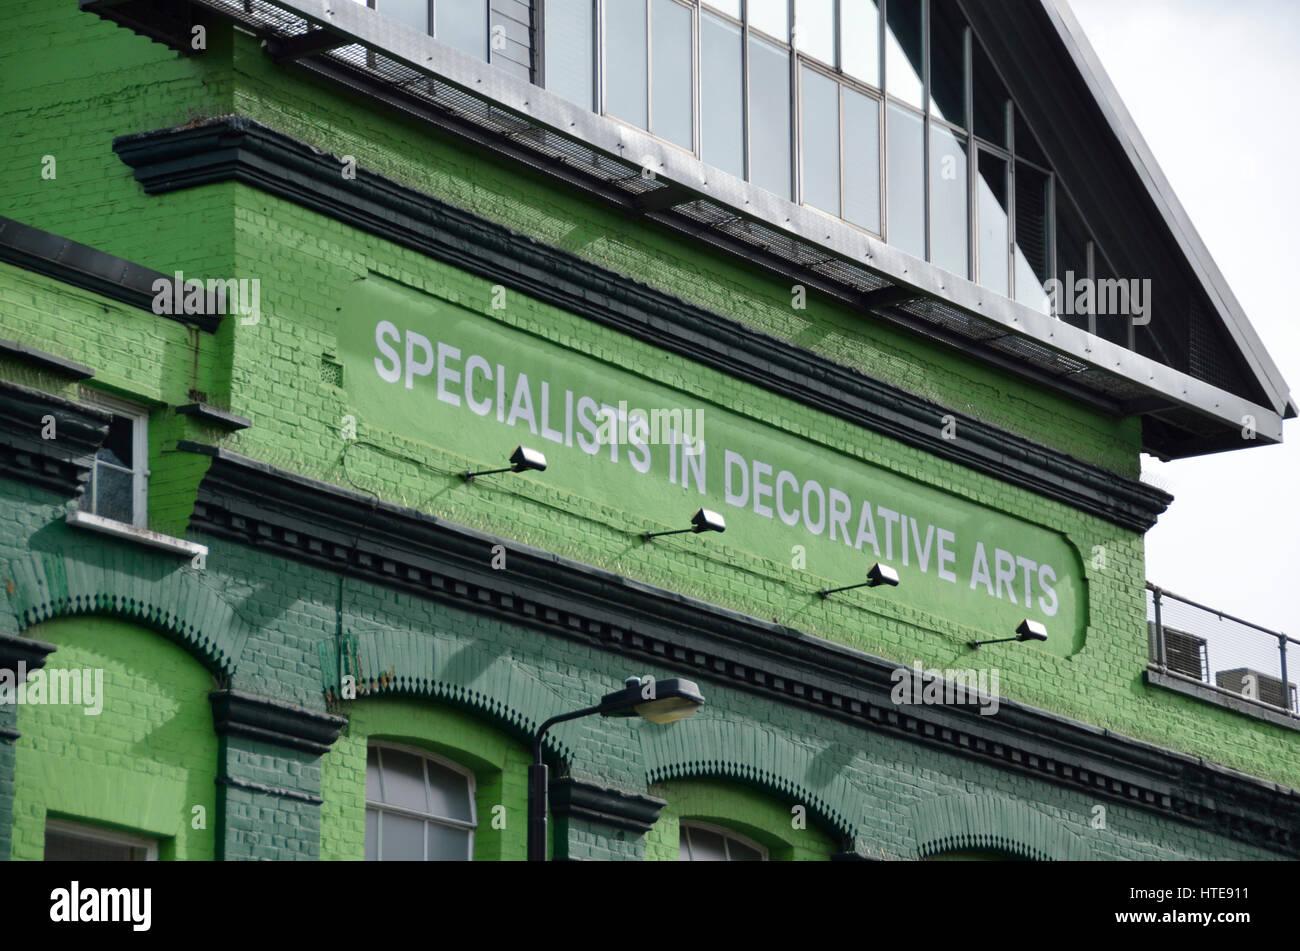 Specialisti di arti decorative segno su un edificio esterno. Immagini Stock